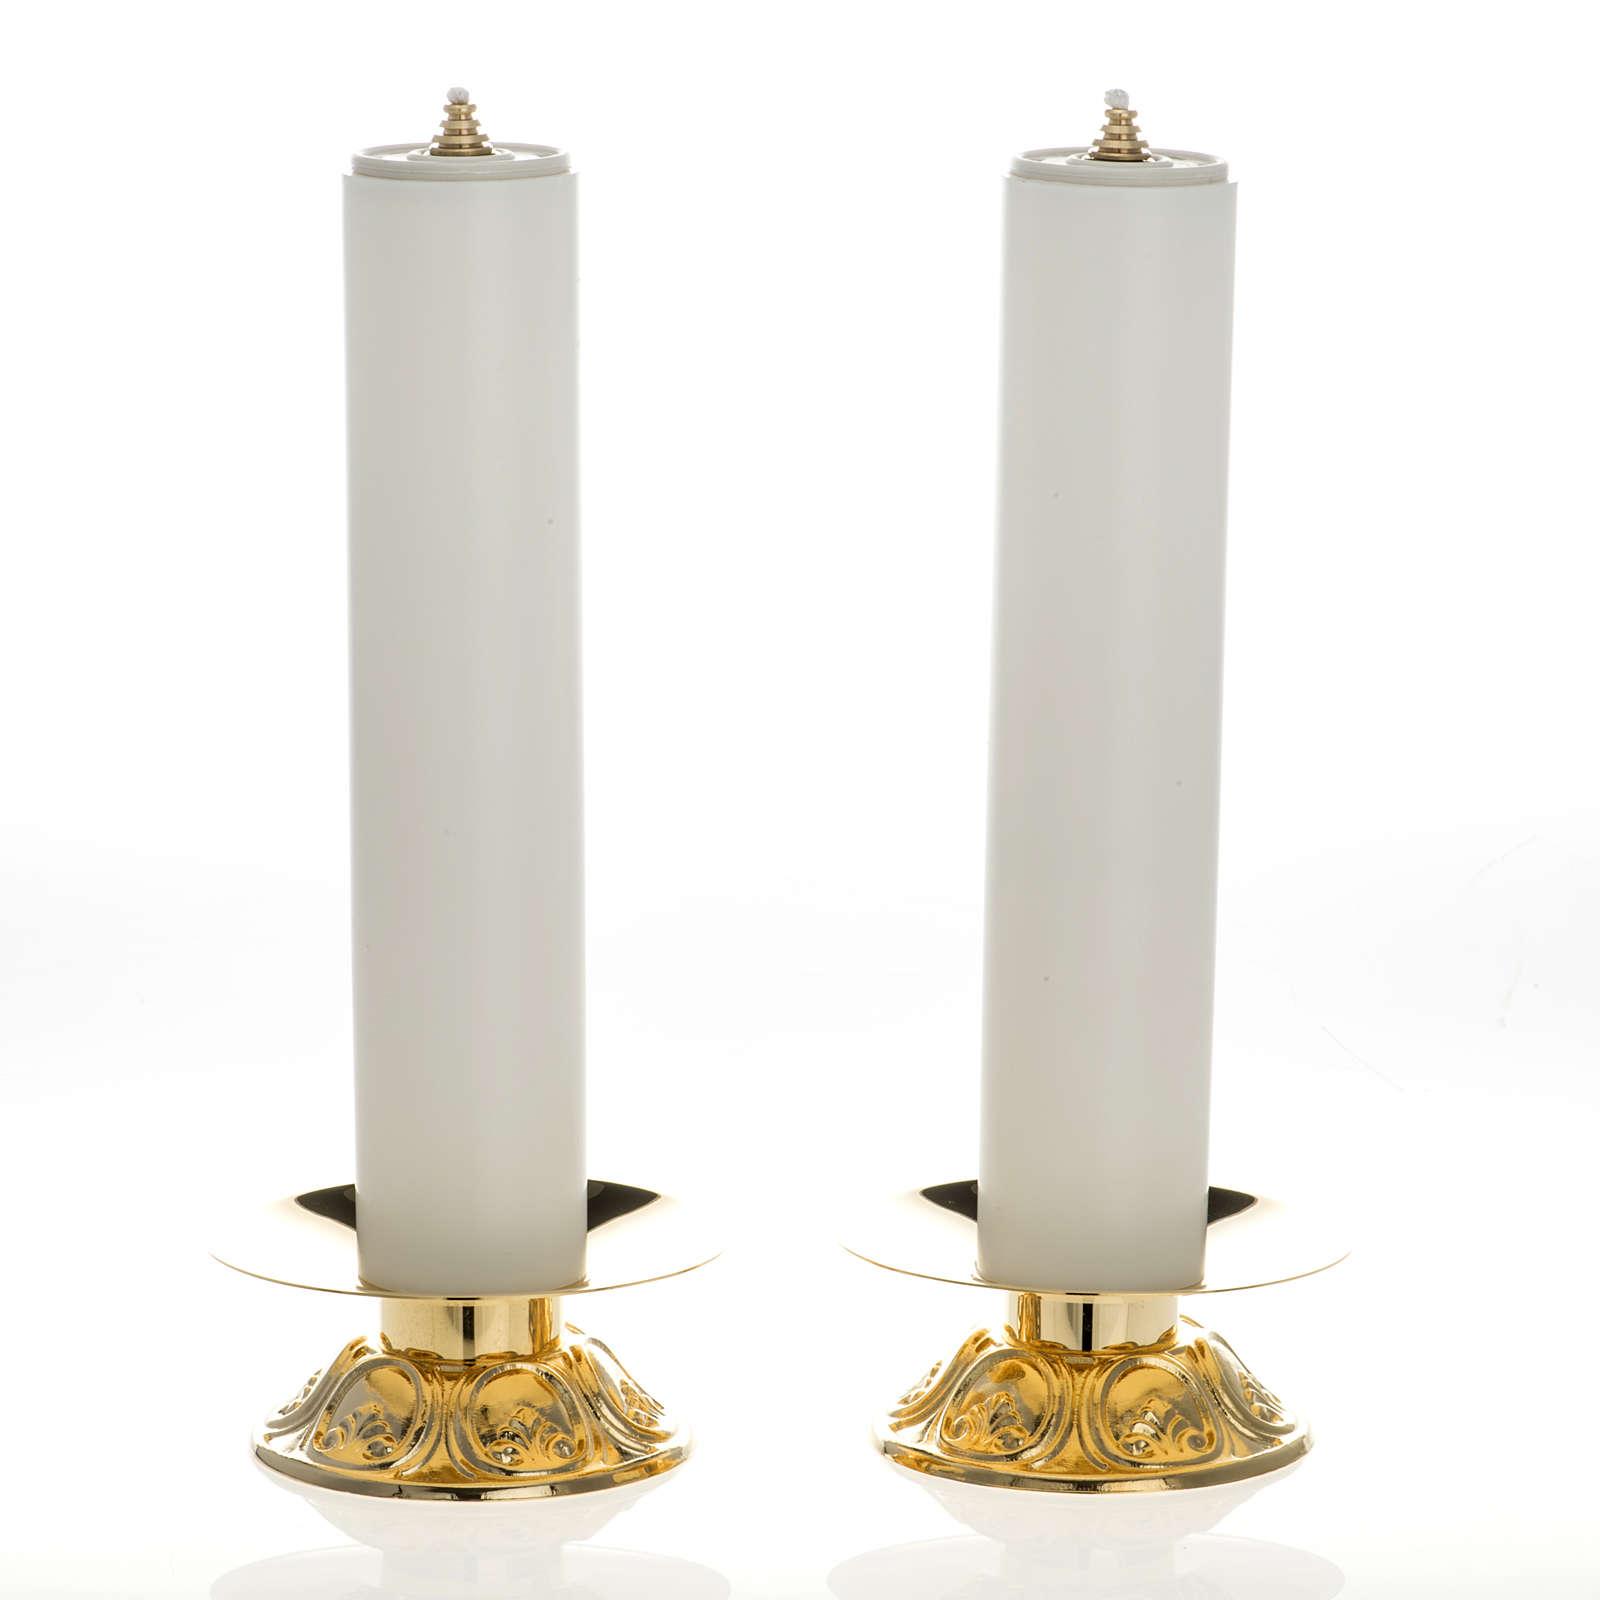 Chandeliers laiton avec bougies à cire liquide lot 2 pcs 4